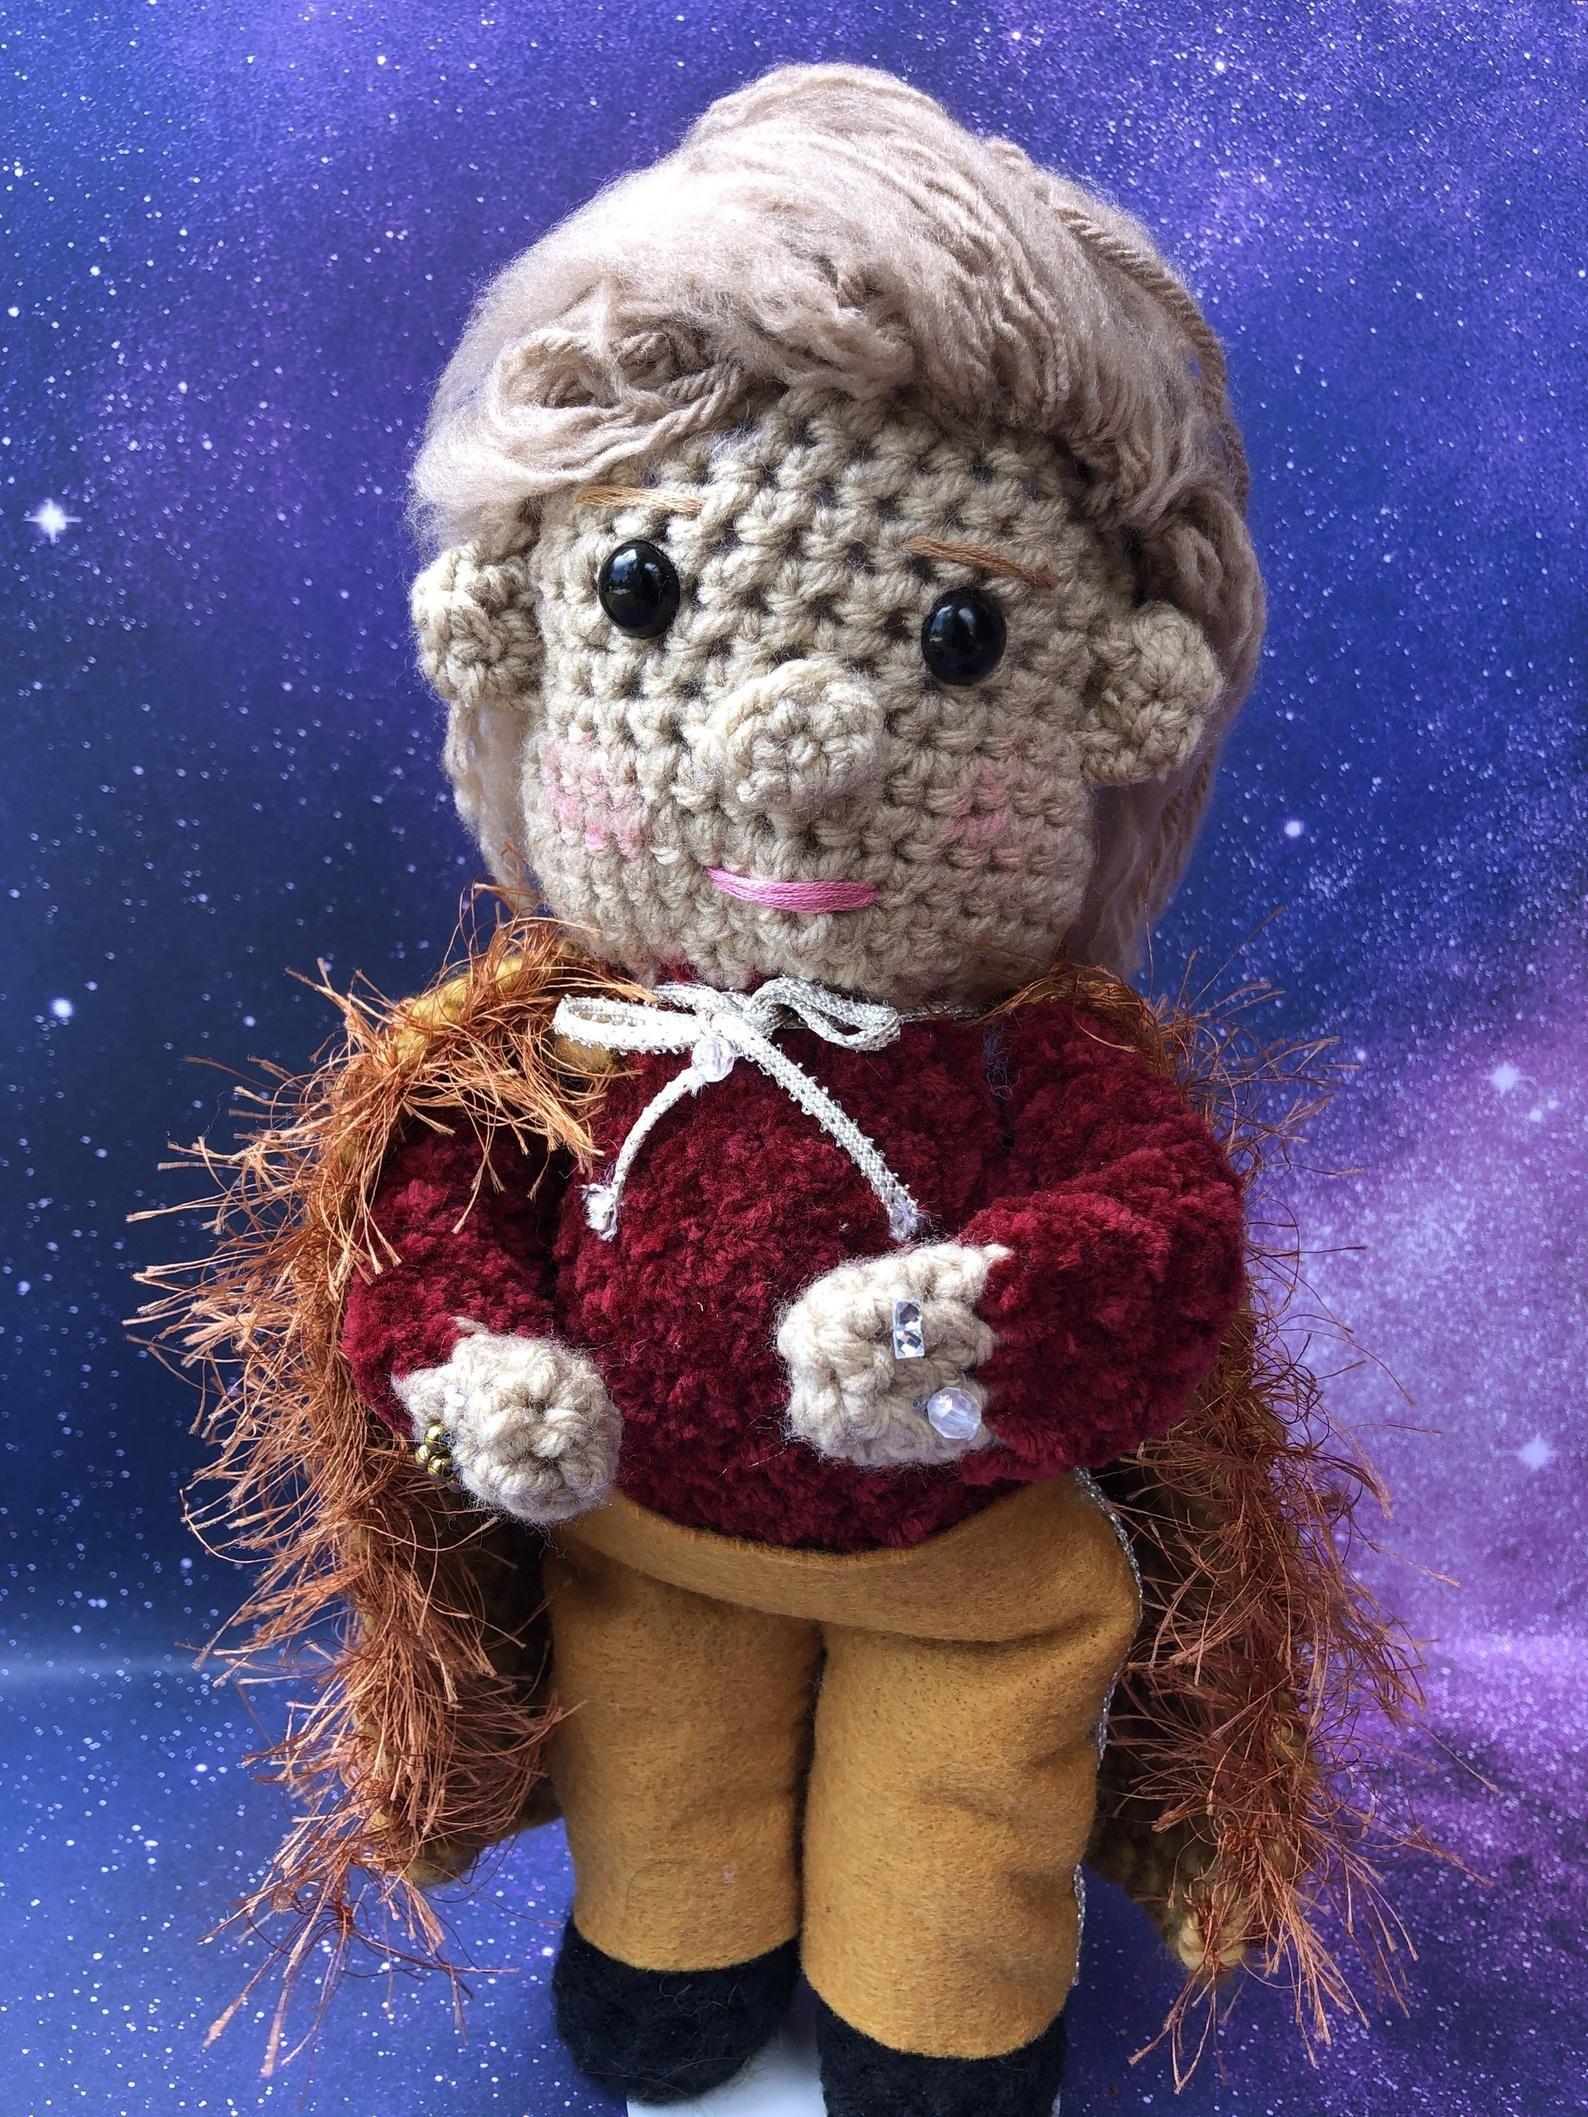 A Walter Mercado doll